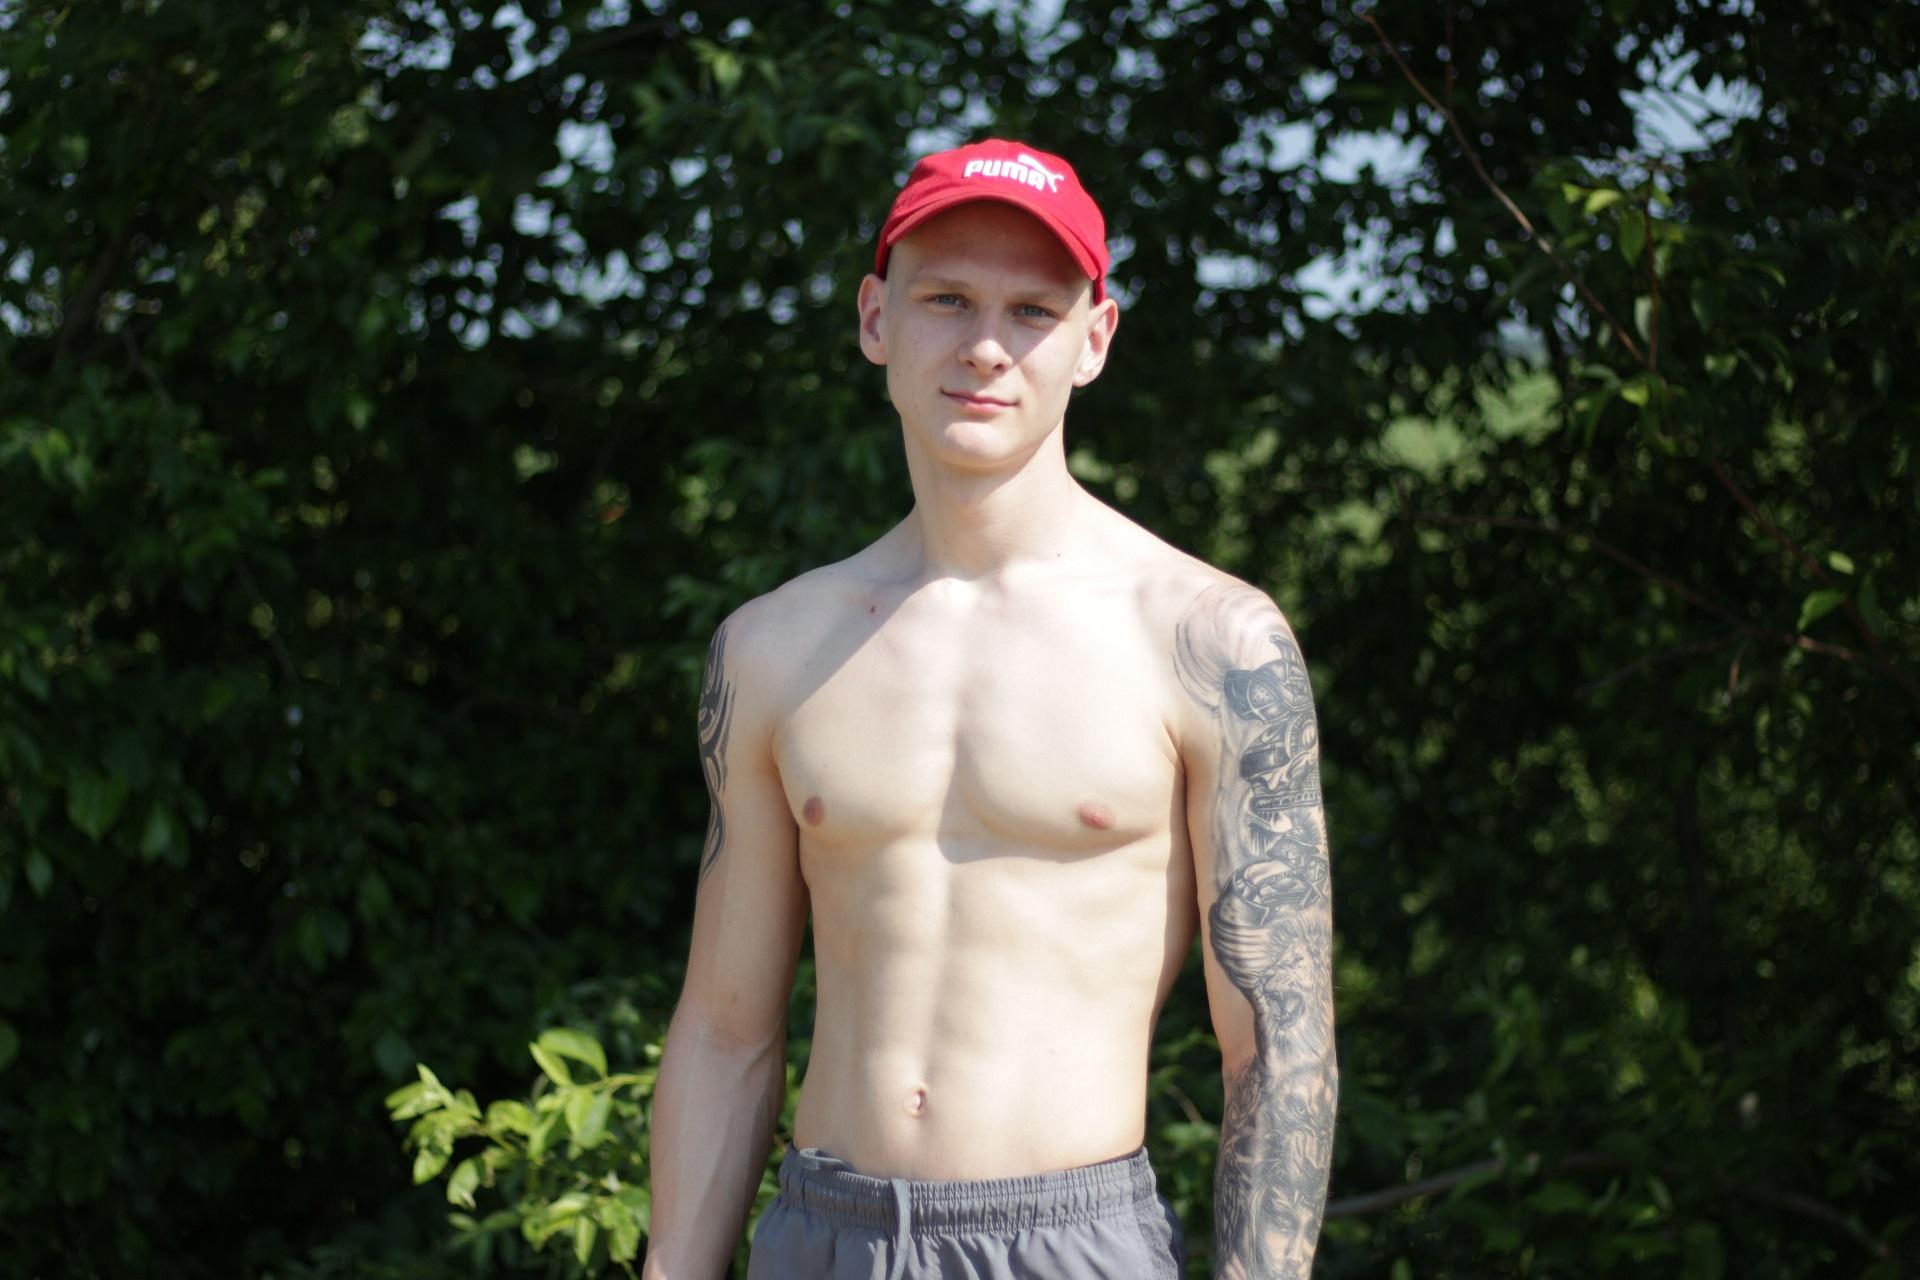 Automobiliui taupantis Kėdainių profesinio rengimo centro auklėtinis Erikas Vasiljevas džiaugiasi galimybe vasarą užsidirbti pinigų. Aldo Surkevičiaus nuotr.